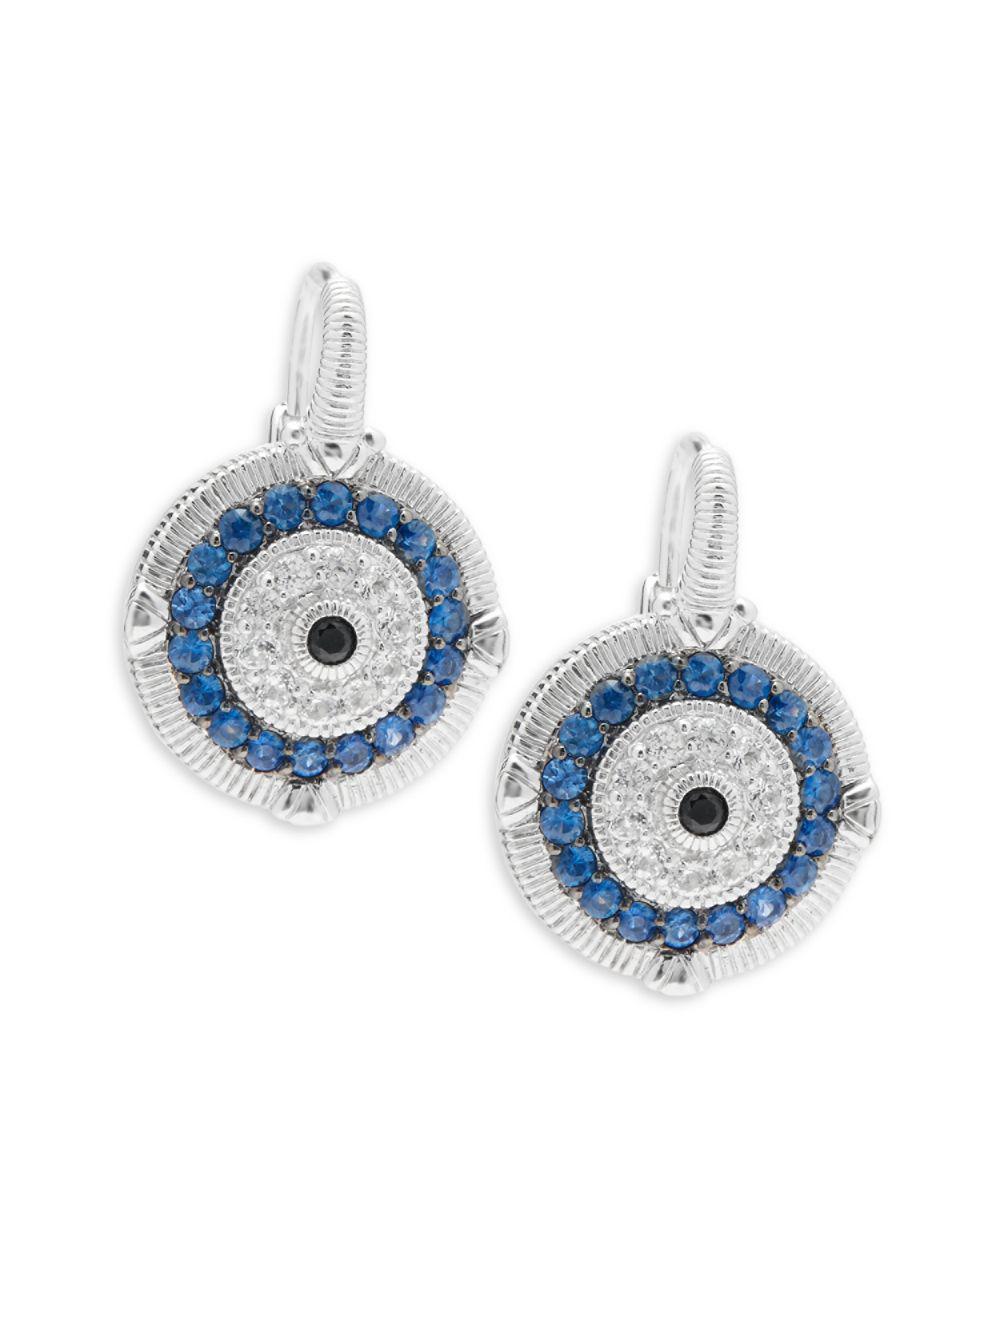 7250f8ce6 Judith Ripka Lucky Sapphire Evil Eye Earrings in Metallic - Lyst